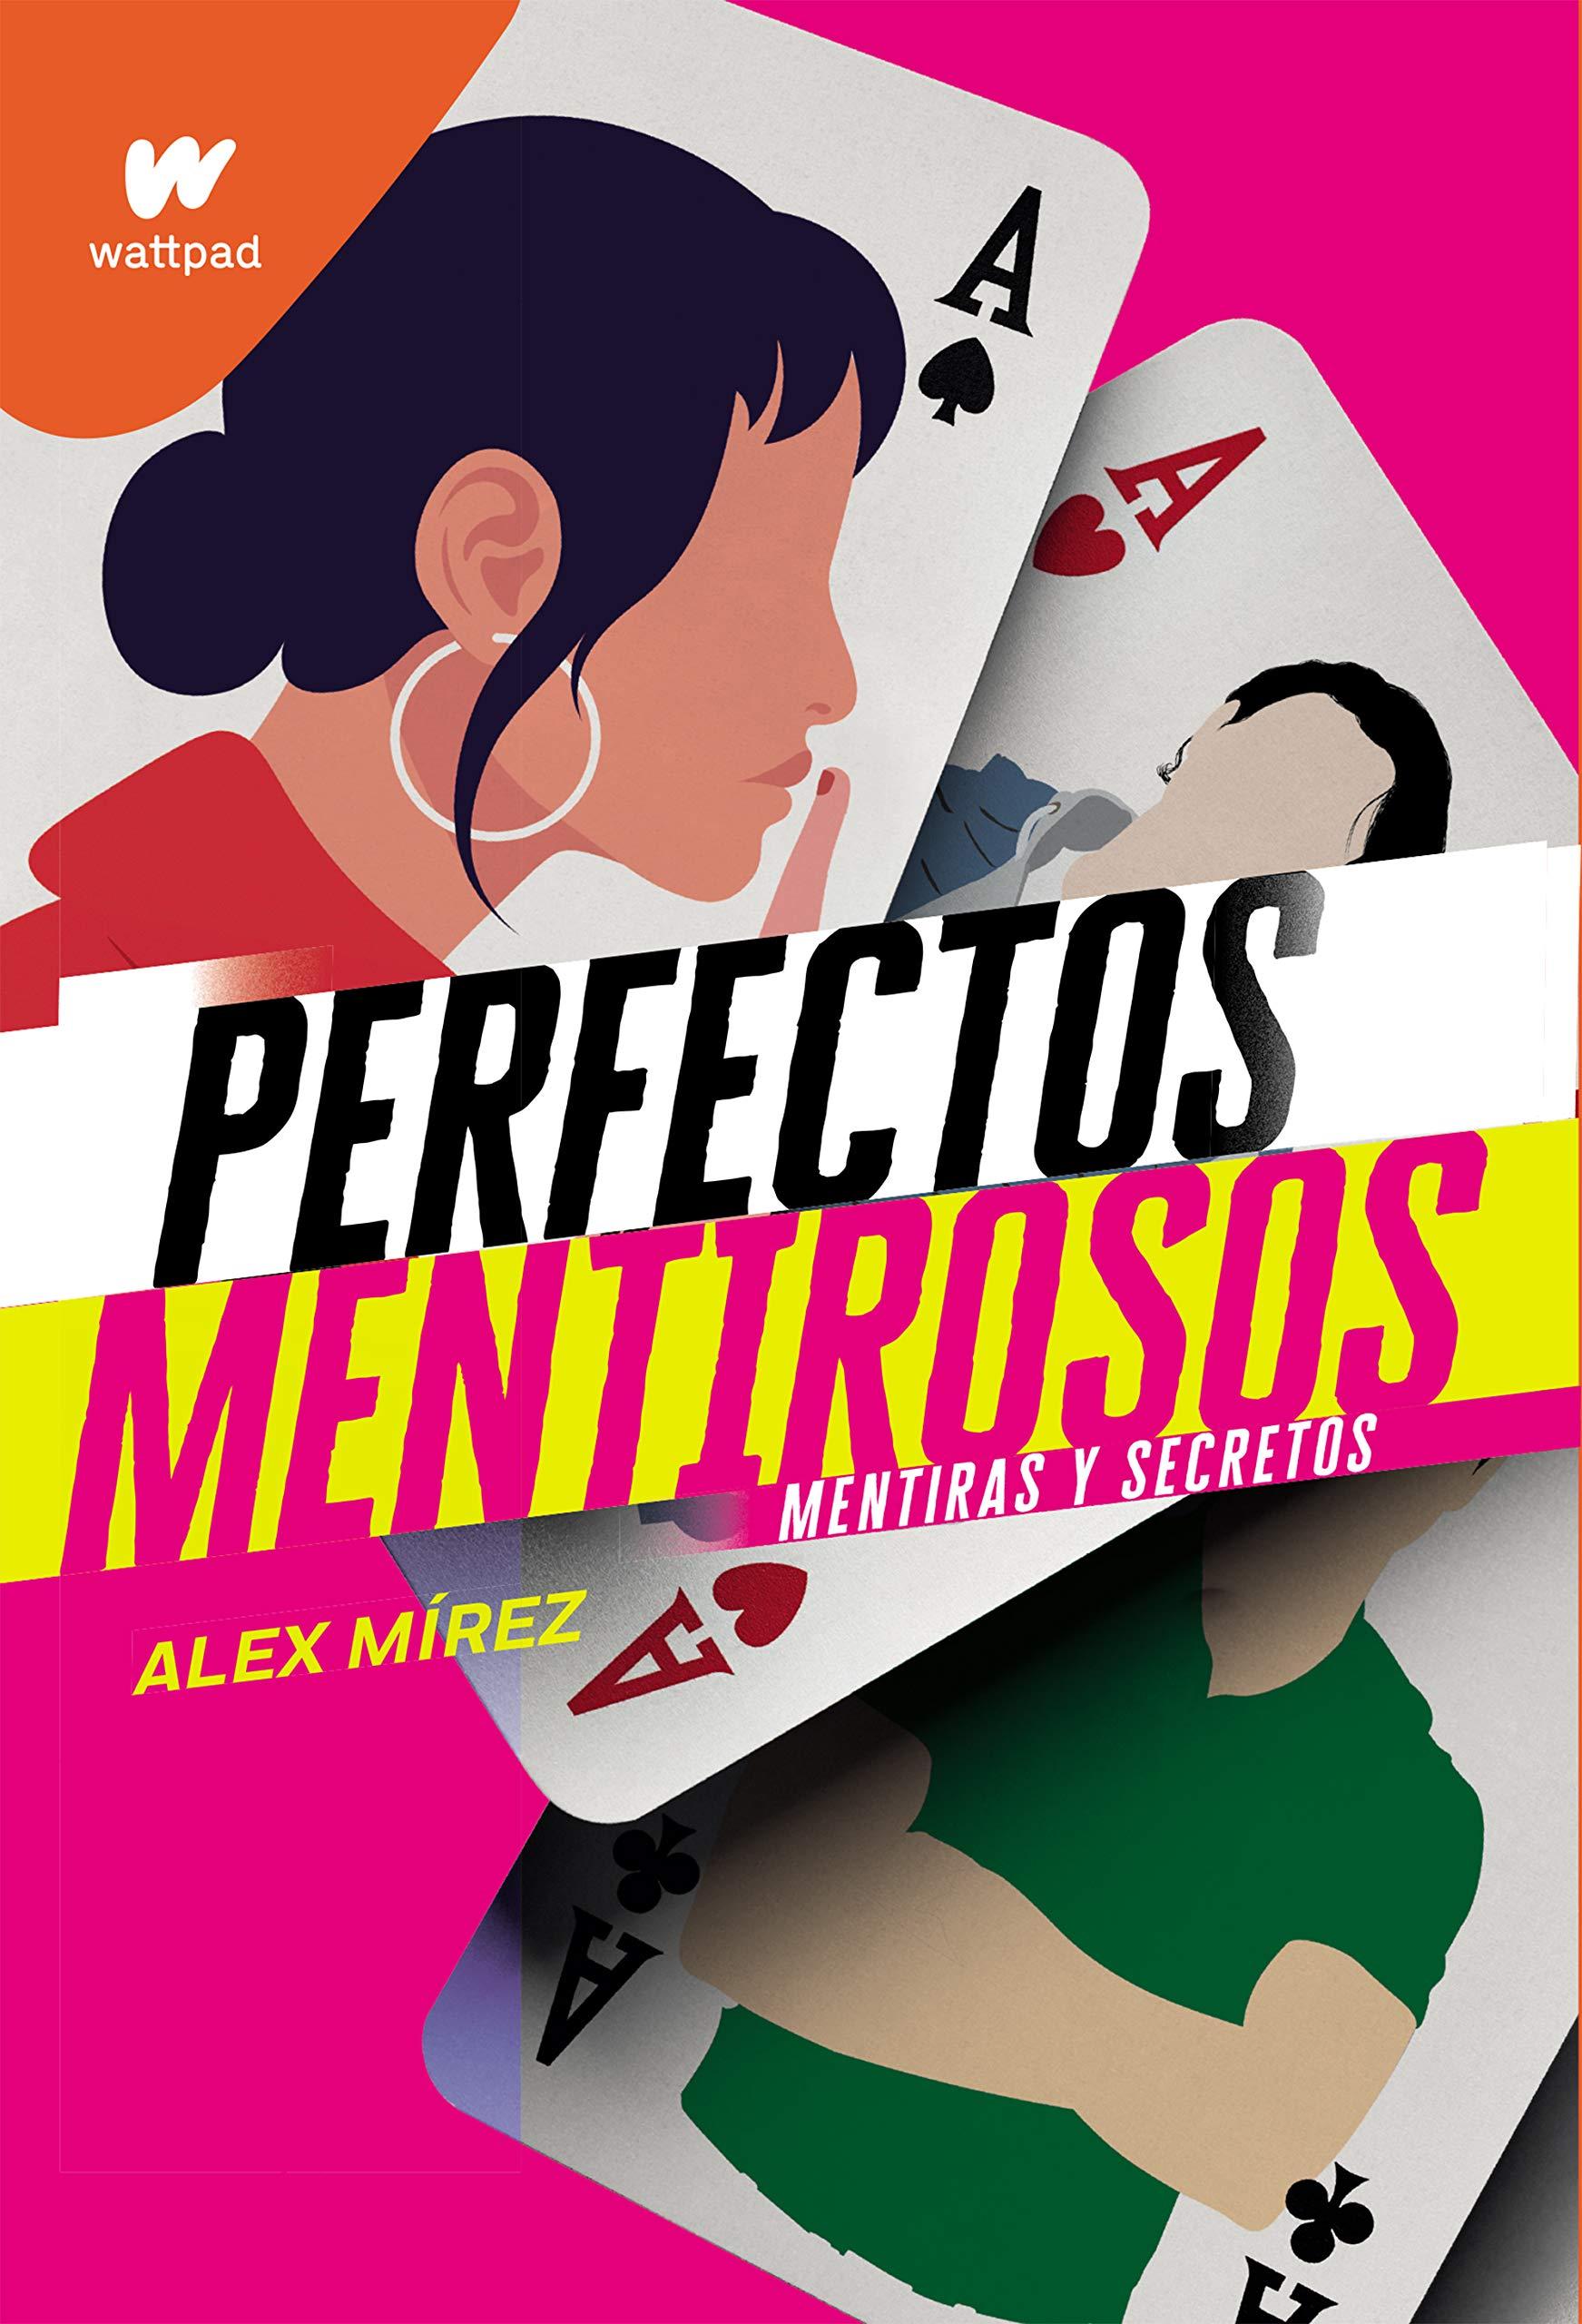 Perfectos mentirosos (Wattpad): Amazon.es: Mirez, Alex: Libros